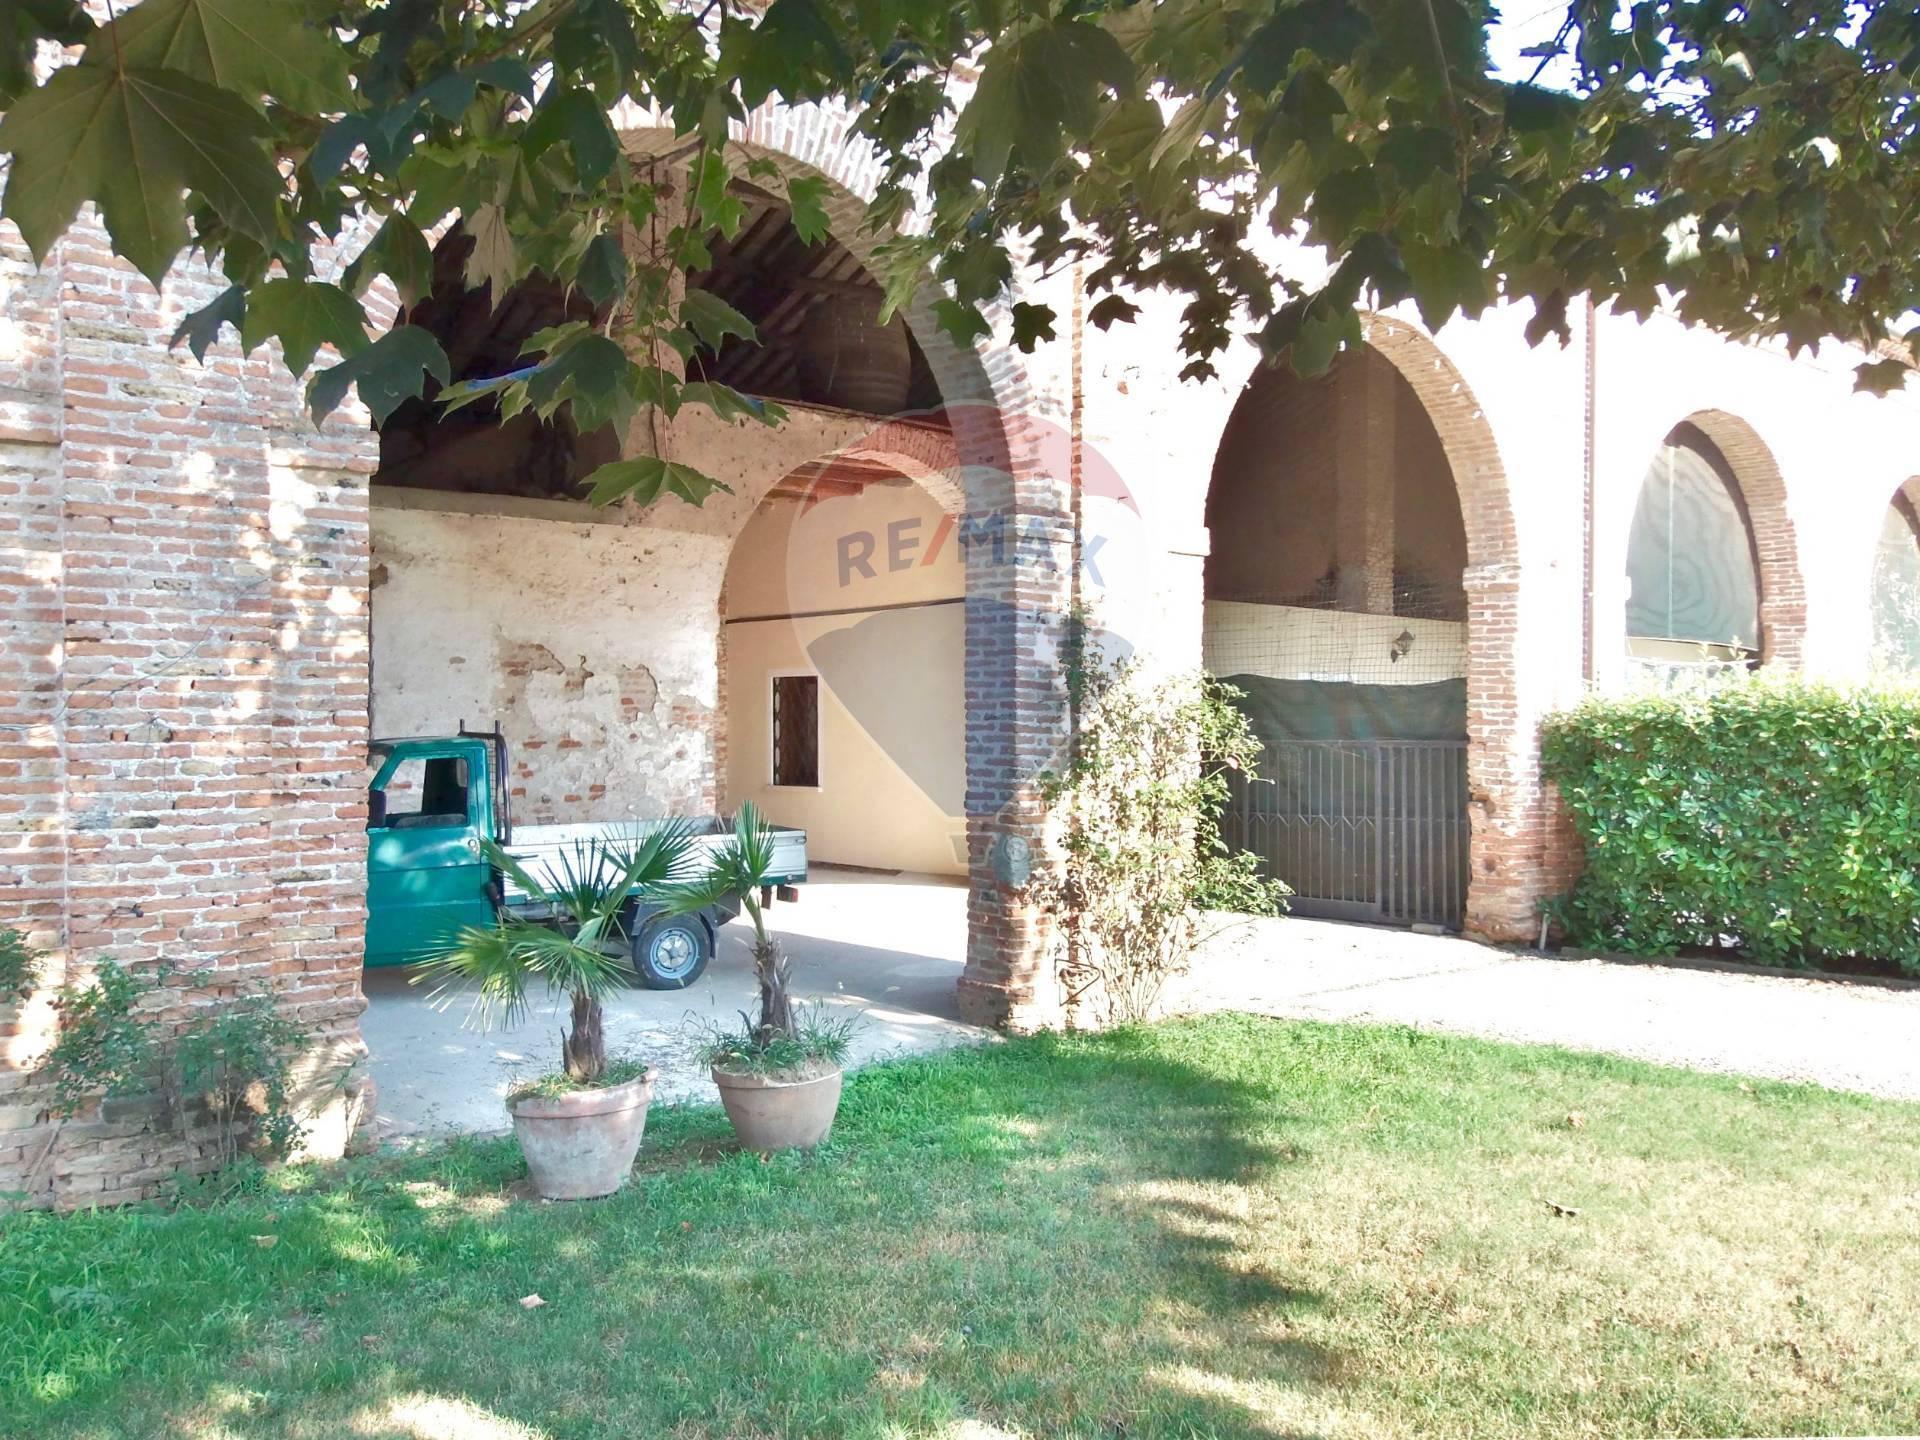 Rustico / Casale in vendita a Torri di Quartesolo, 1 locali, zona Zona: Marola, prezzo € 185.000   CambioCasa.it